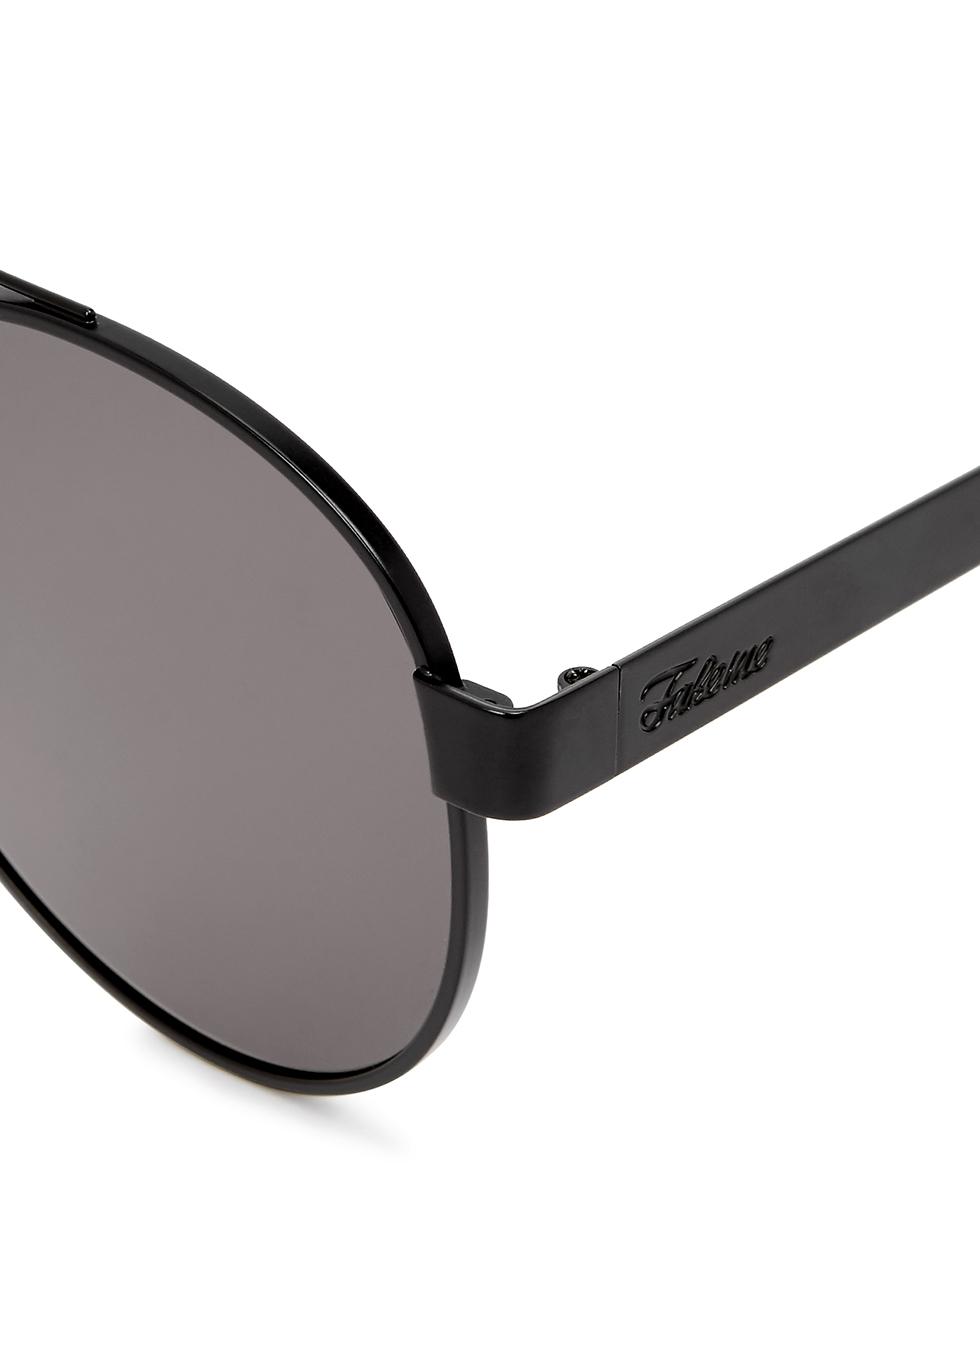 Forer black round-frame sunglasses - FAKE ME